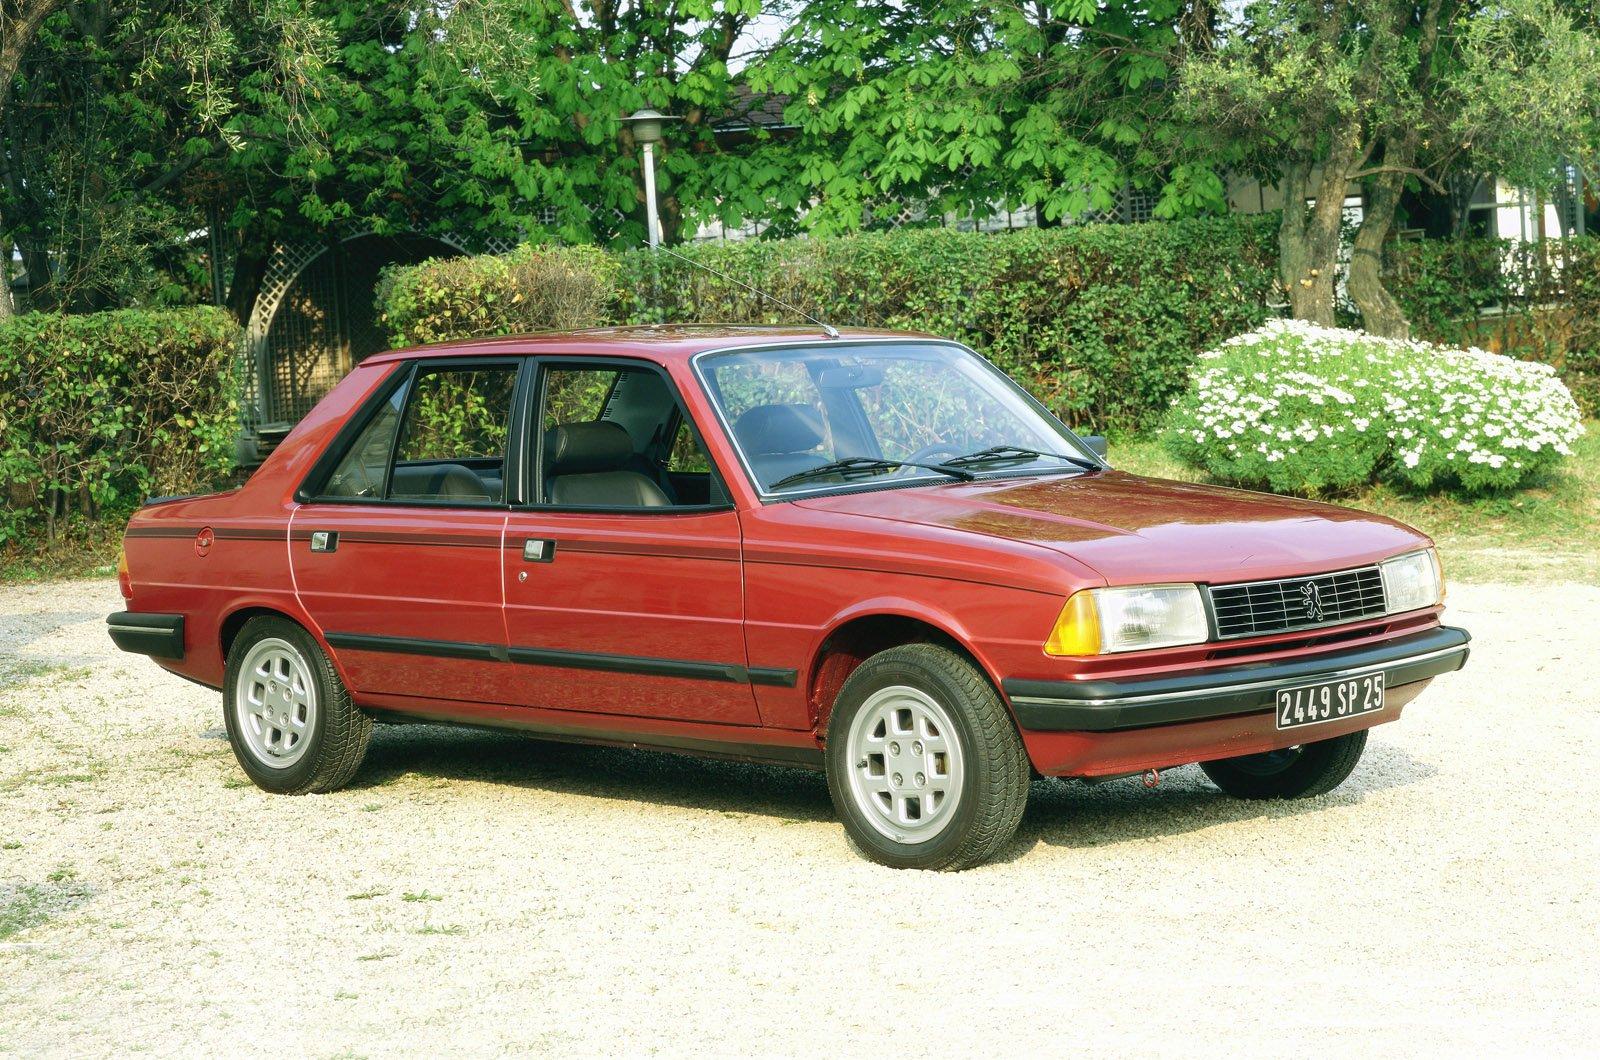 Peugeot 305 saloon front